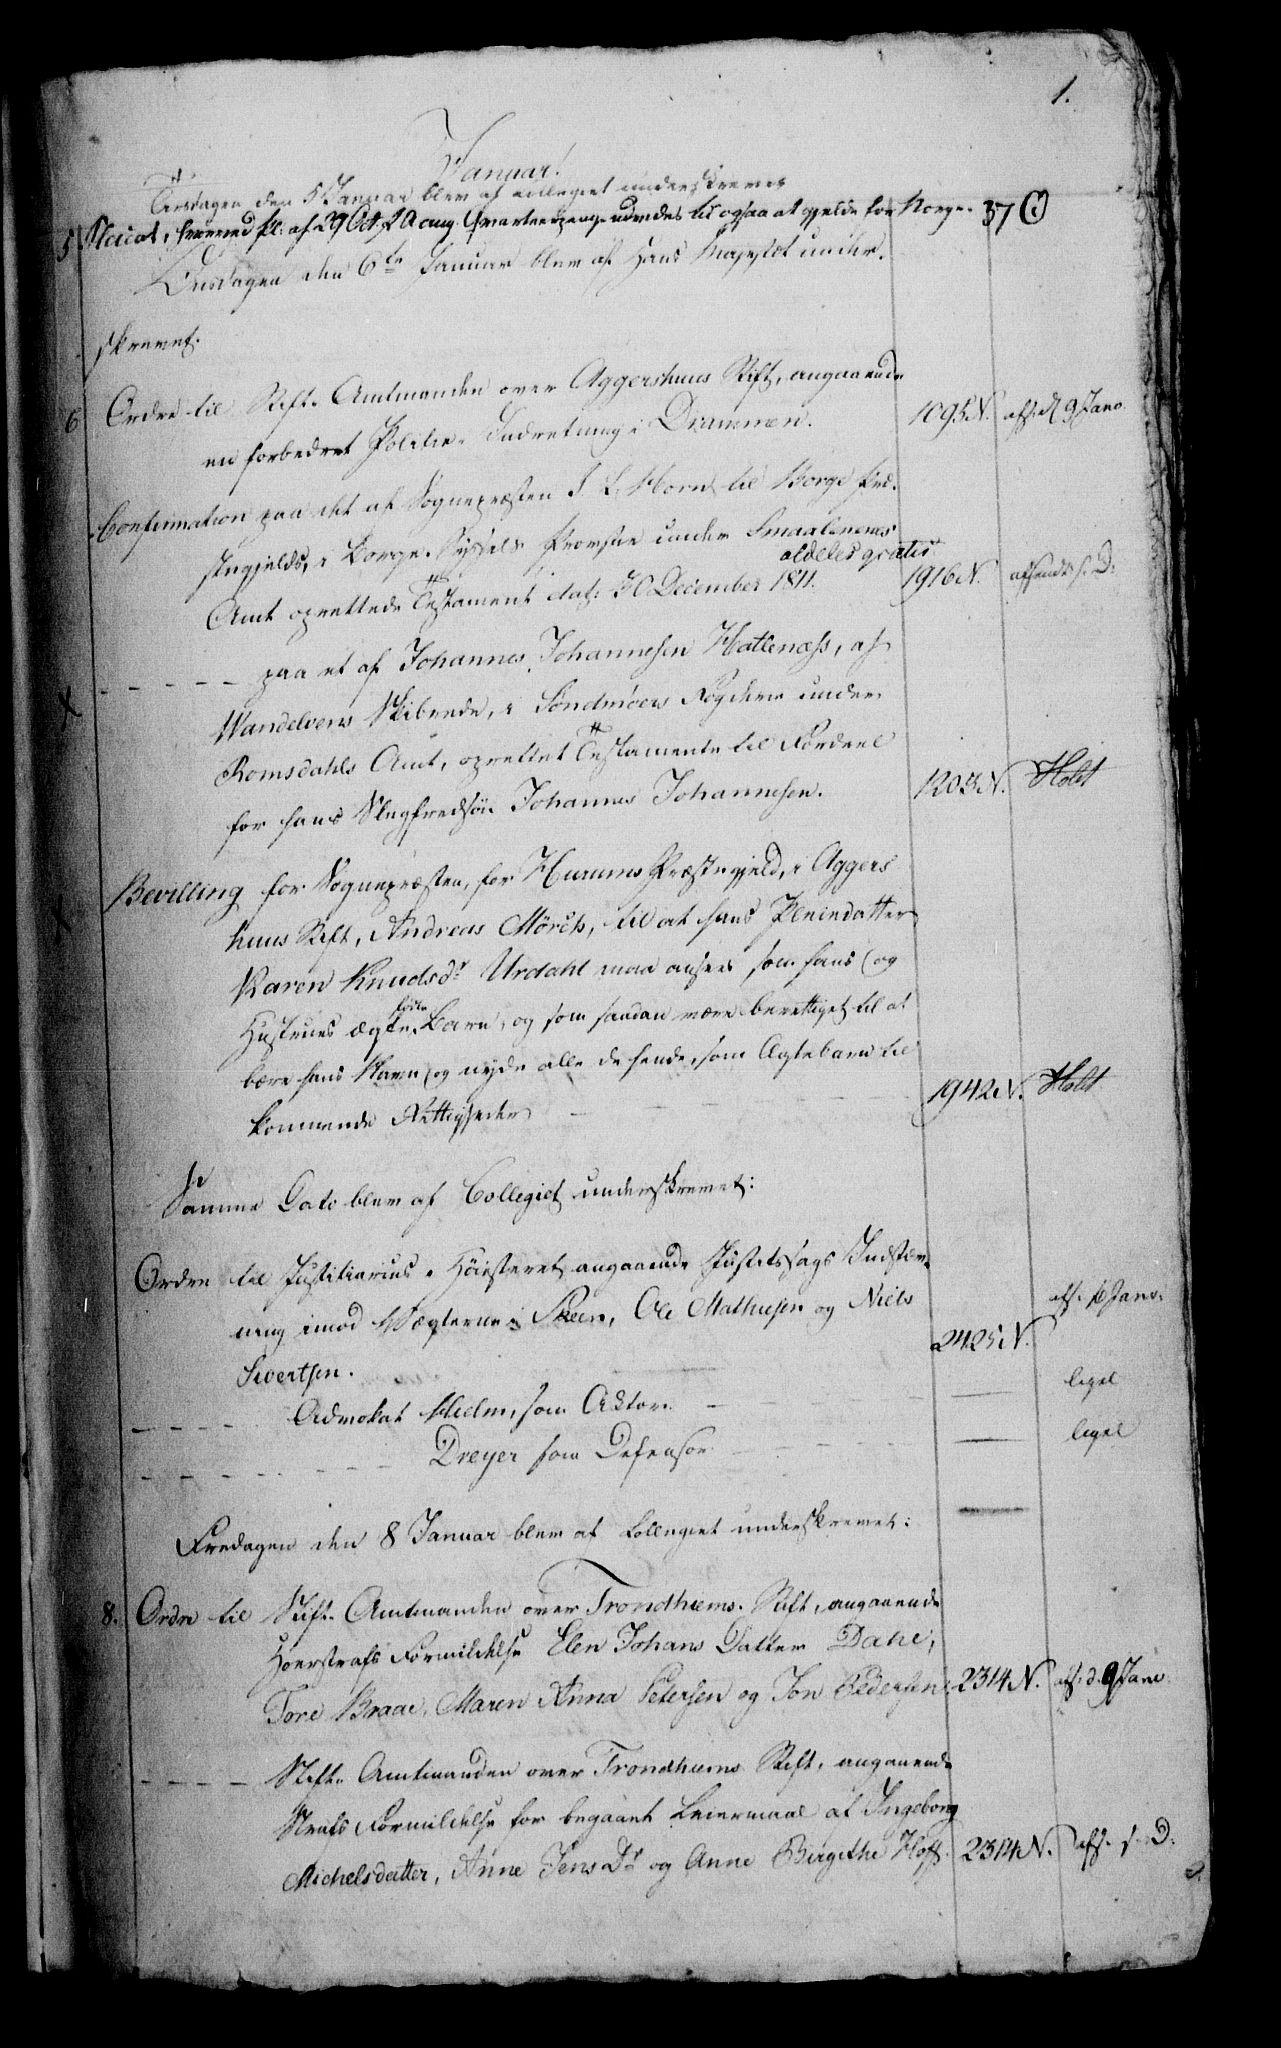 RA, Danske Kanselli 1800-1814, H/Hf/Hfb/Hfbc/L0014: Underskrivelsesbok m. register, 1813, p. 1